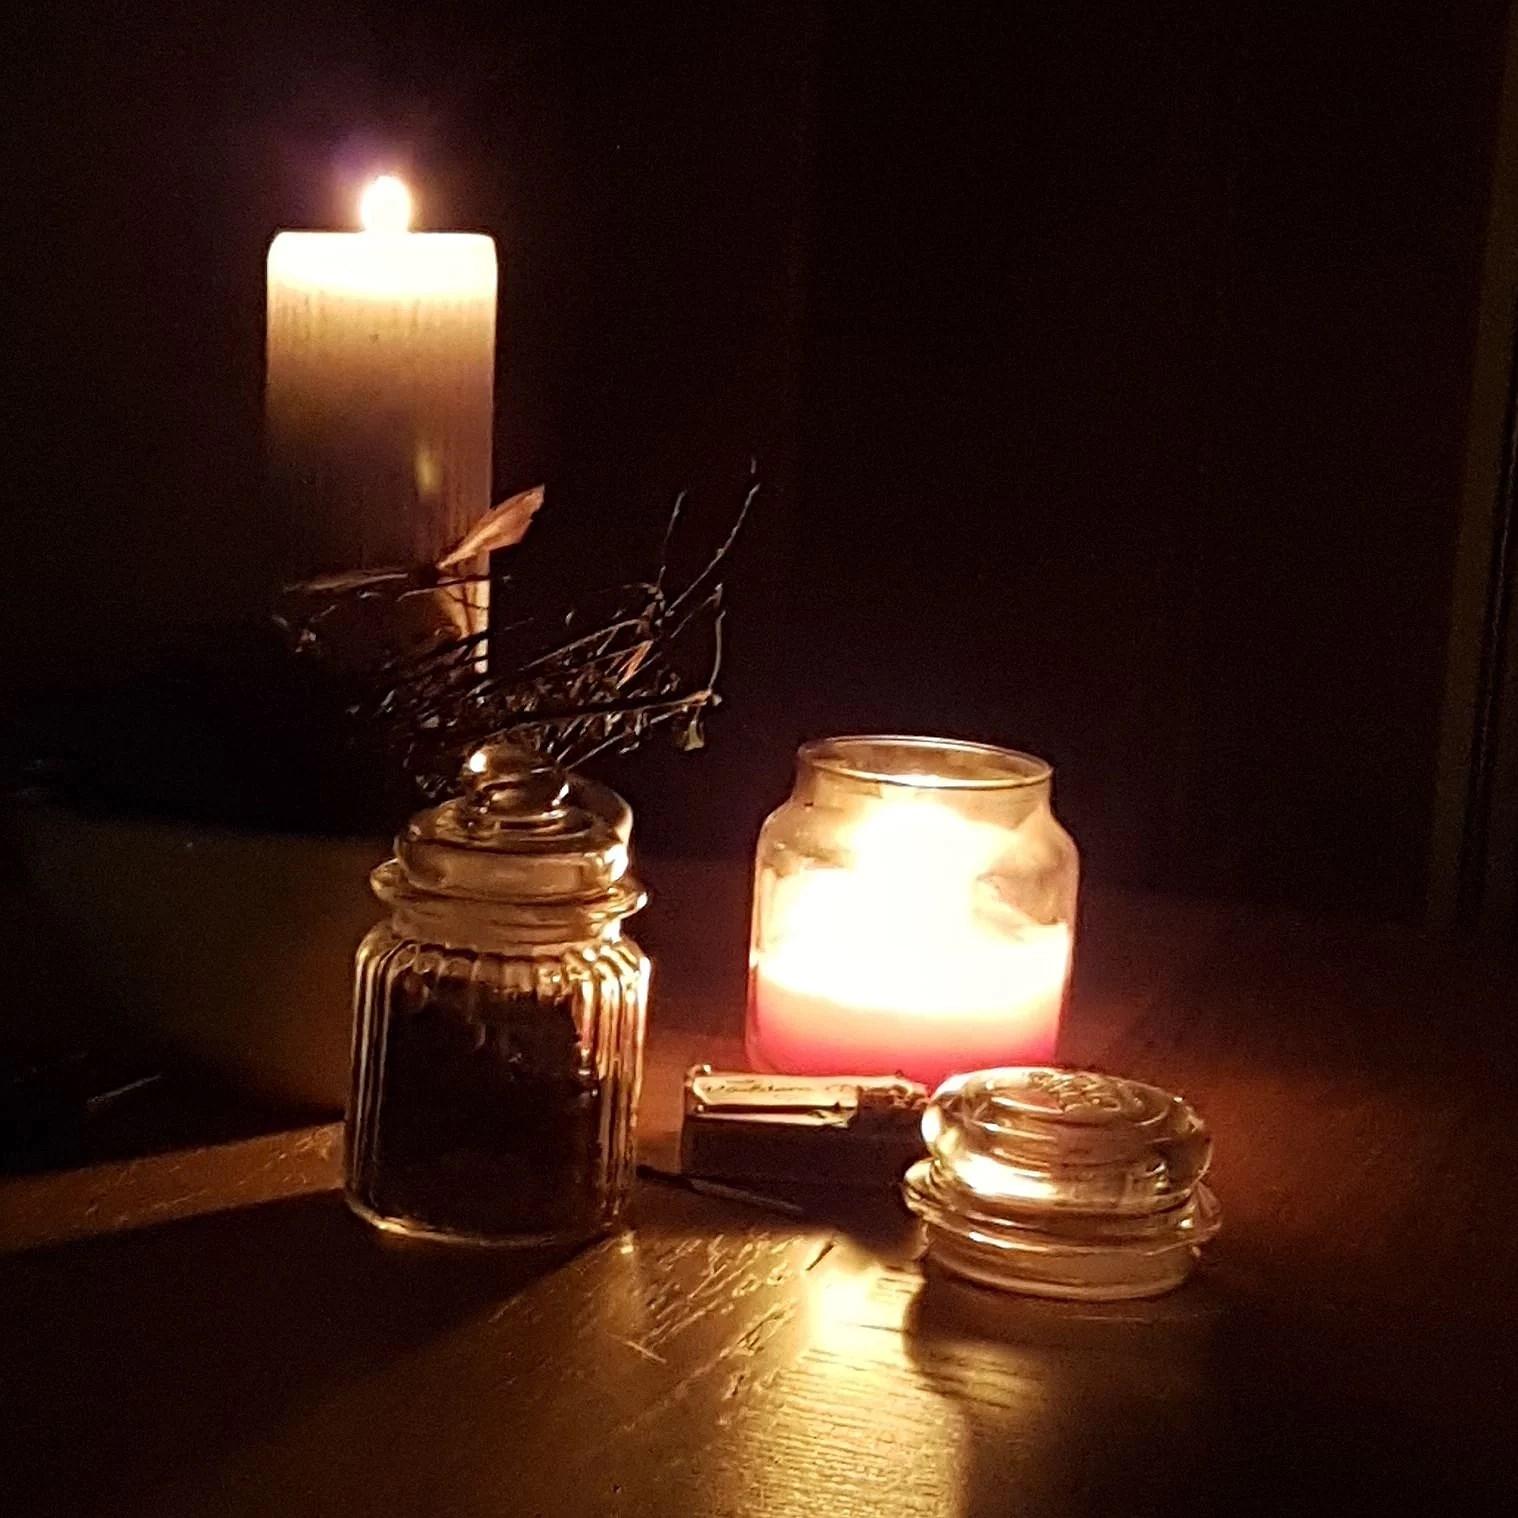 En mysig kväll i mitt tycke ♡